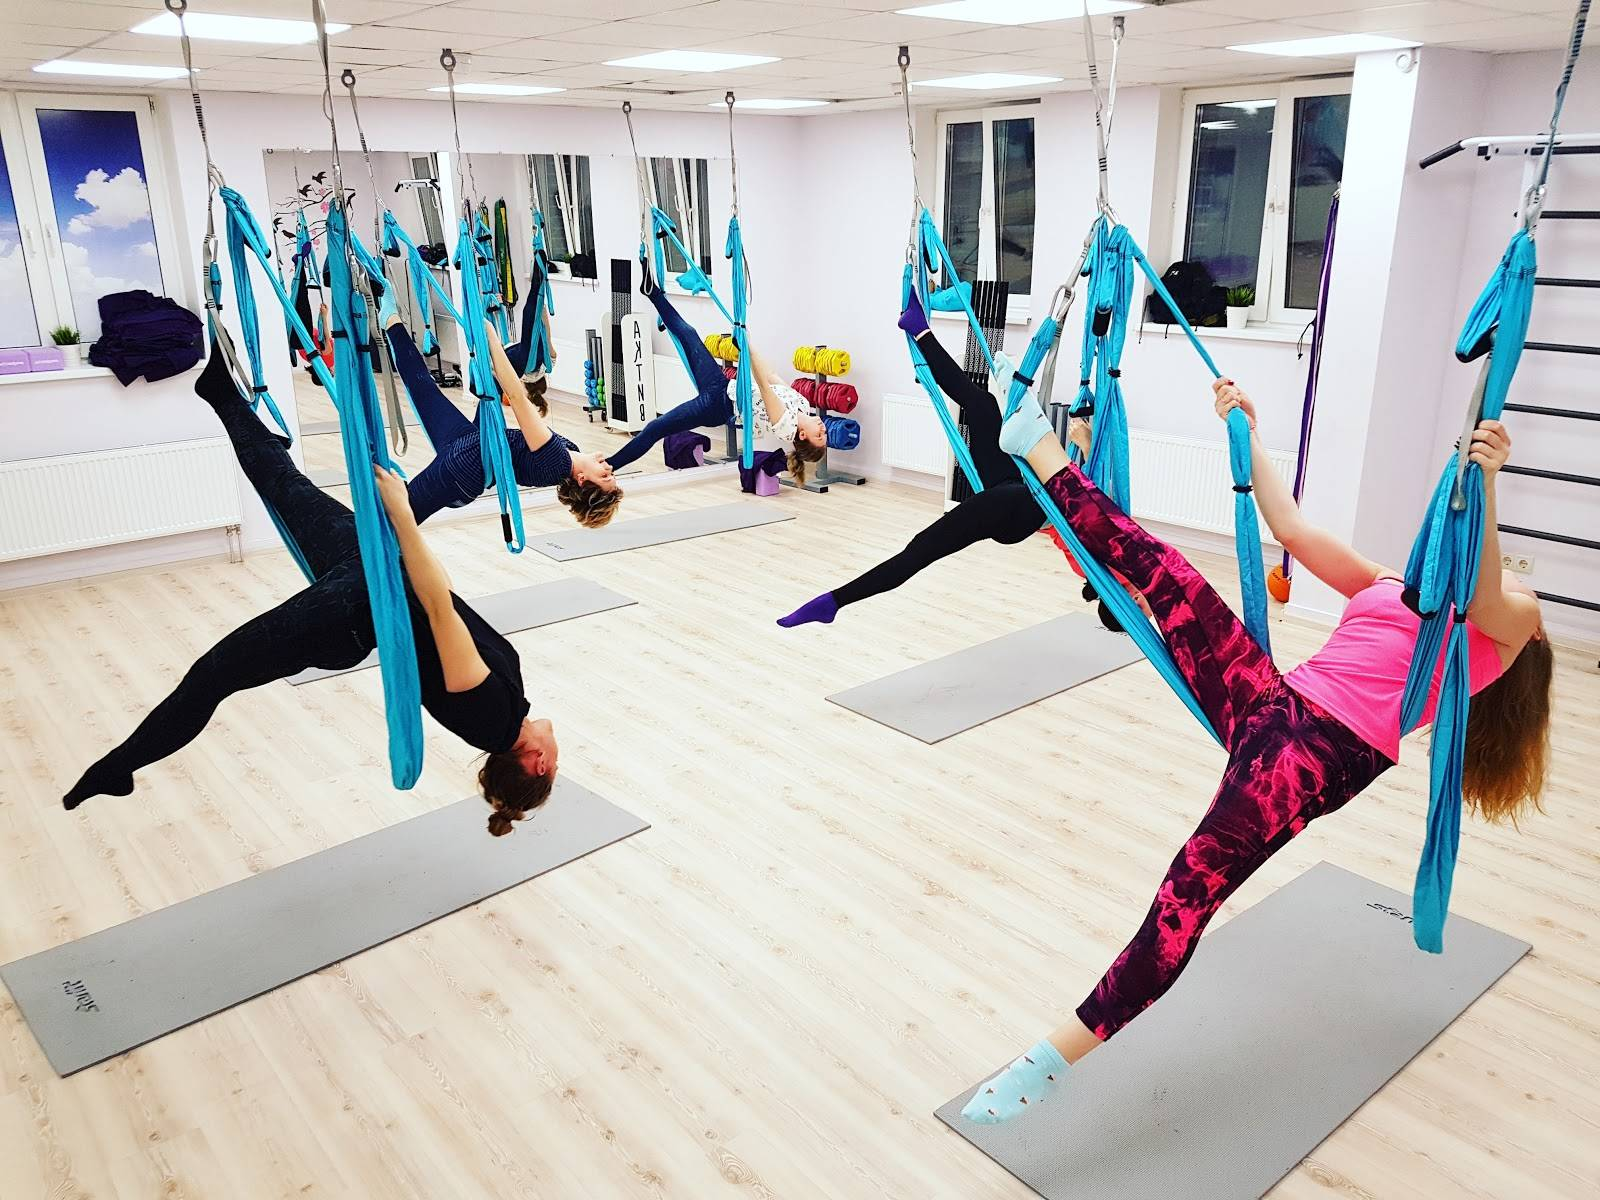 Антигравити йога: что это такое и какие противопоказания